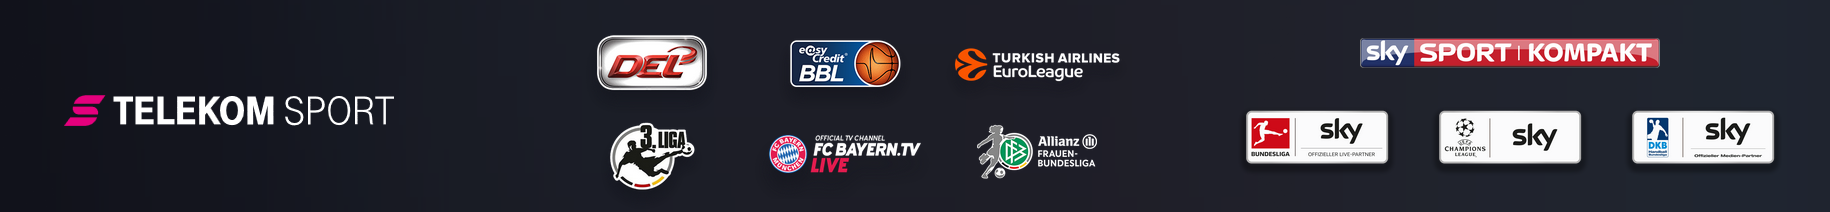 Telekom Sport Navitel Bayreuth: Fußball, Eishockey, Basketball und vieles mehr!